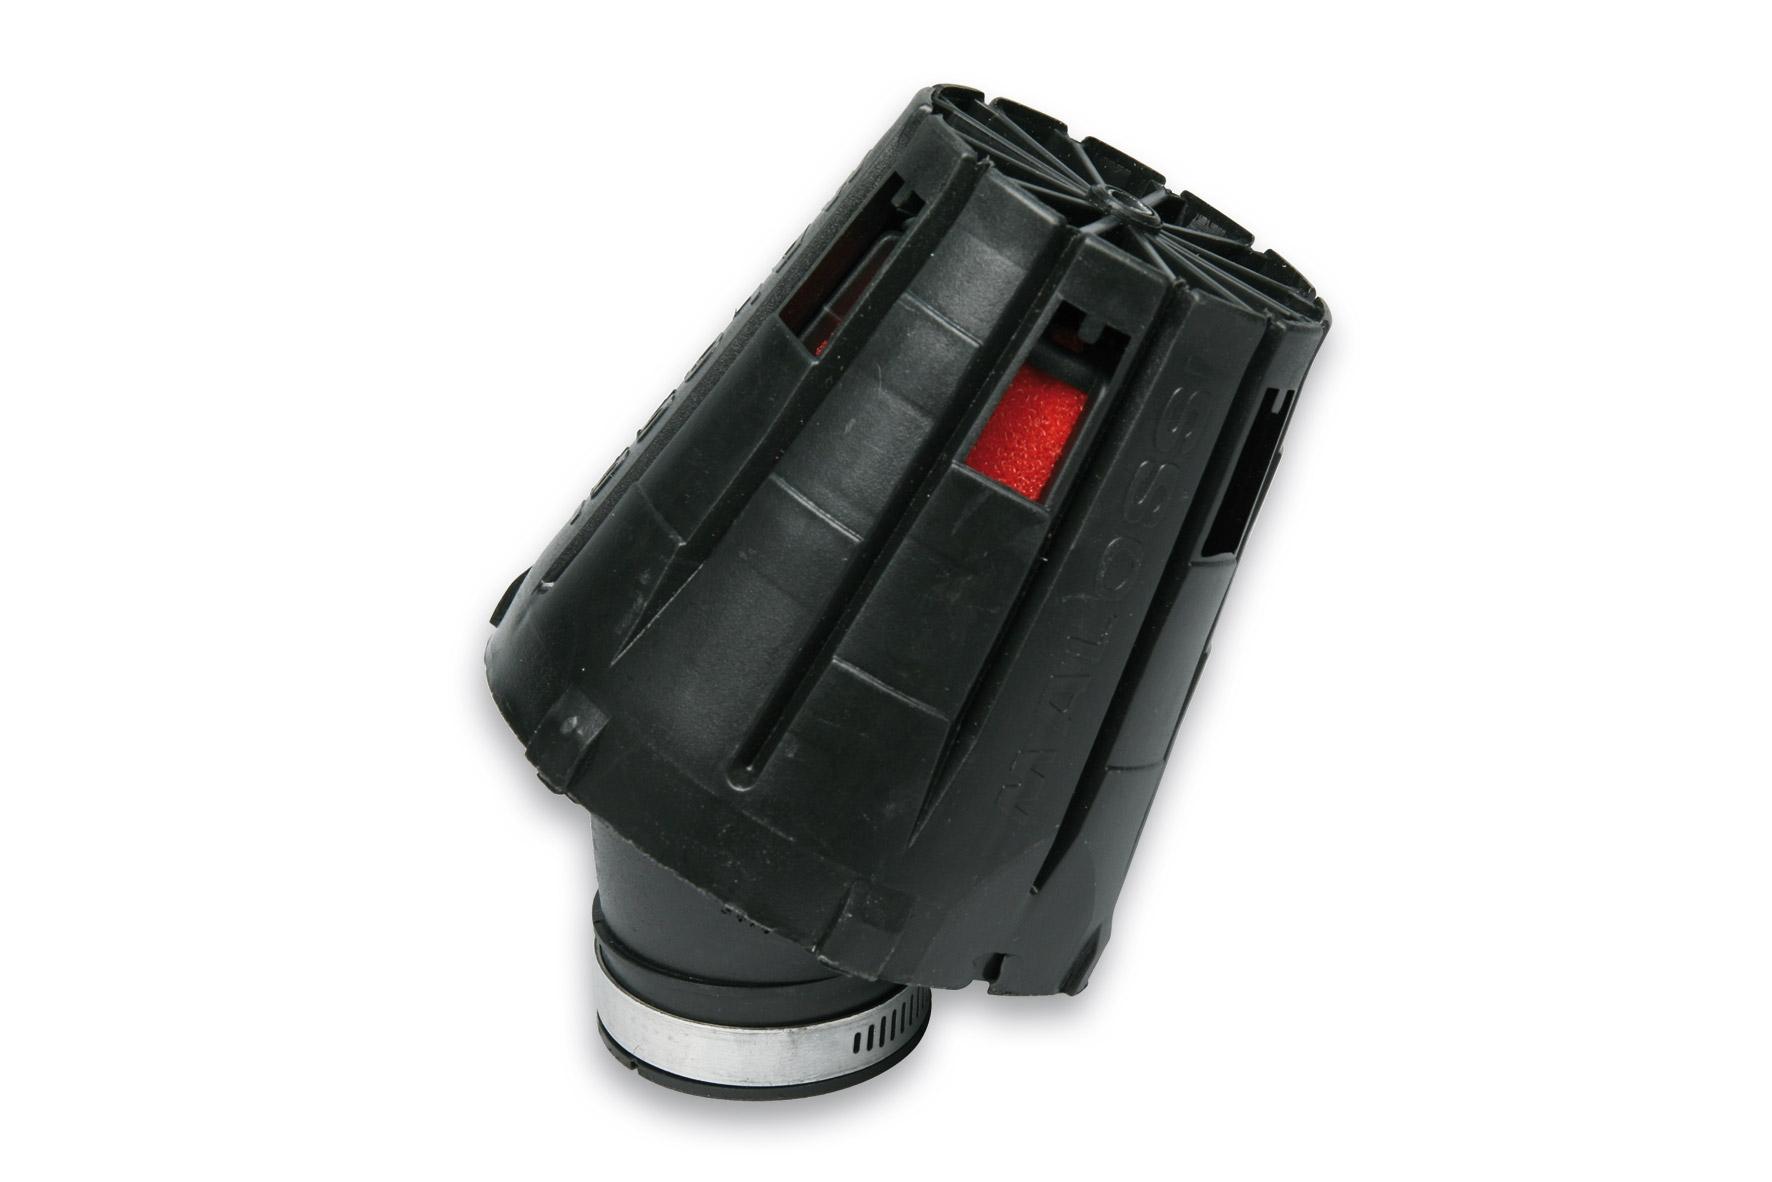 Filtre à air Malossi Red Filter E5 décentré couvercle noir